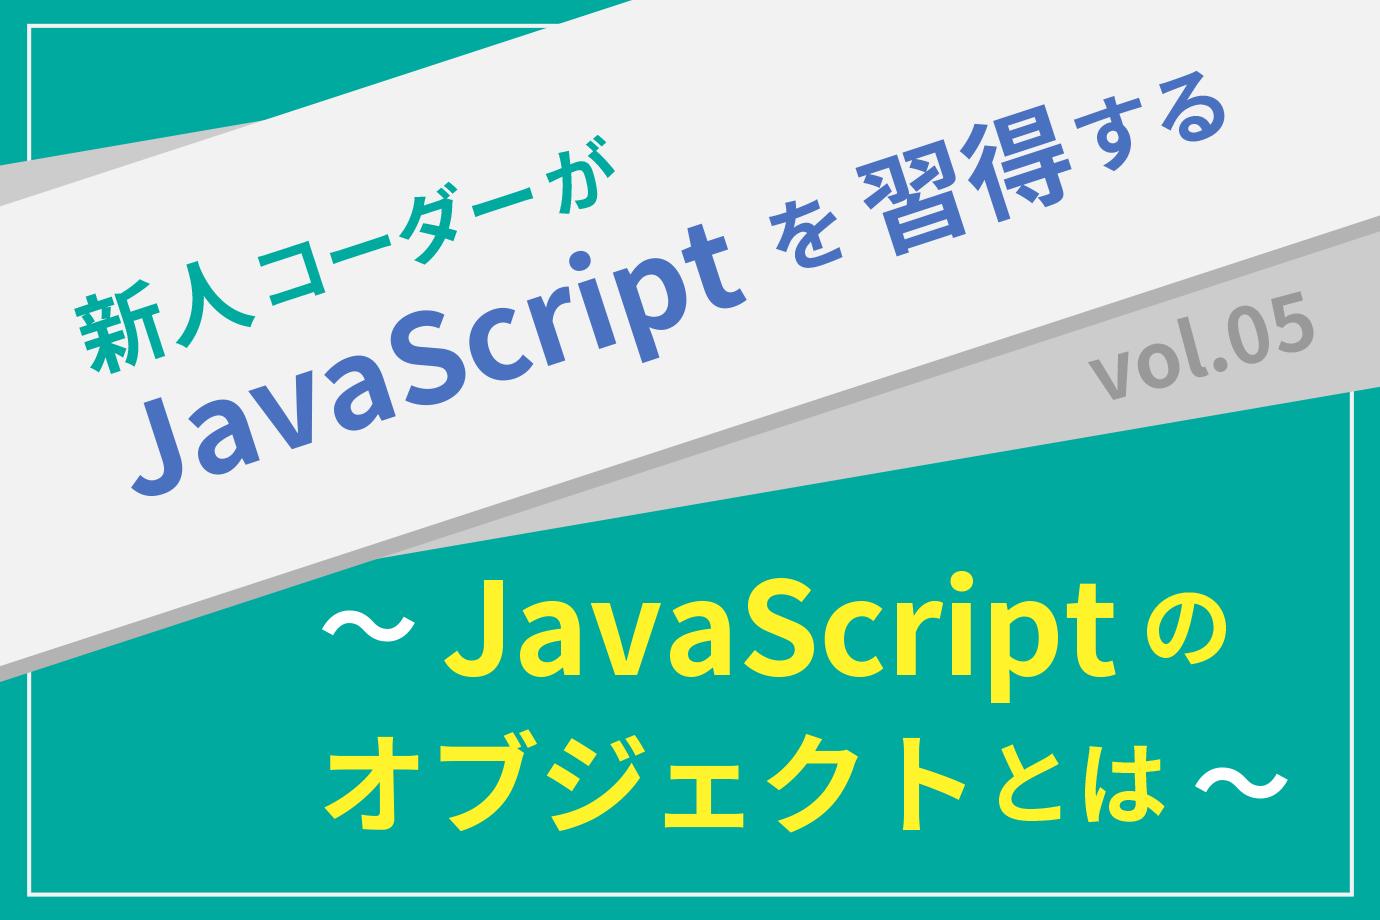 【新人コーダーがJavaScriptを習得する】vol.05 〜JavaScriptのオブジェクトとは〜